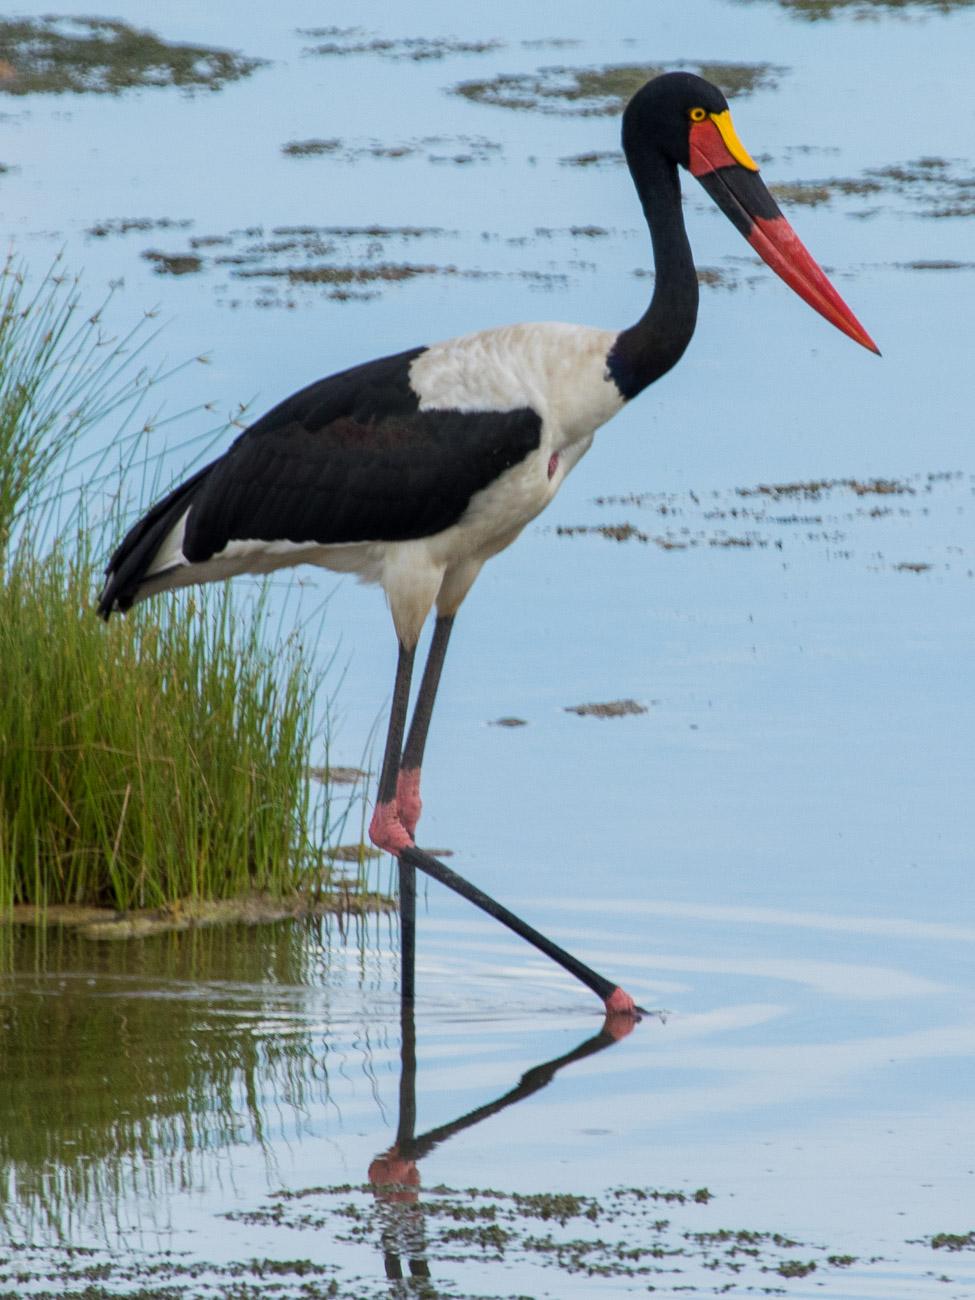 saddle-billed Stork in Etosha National Park